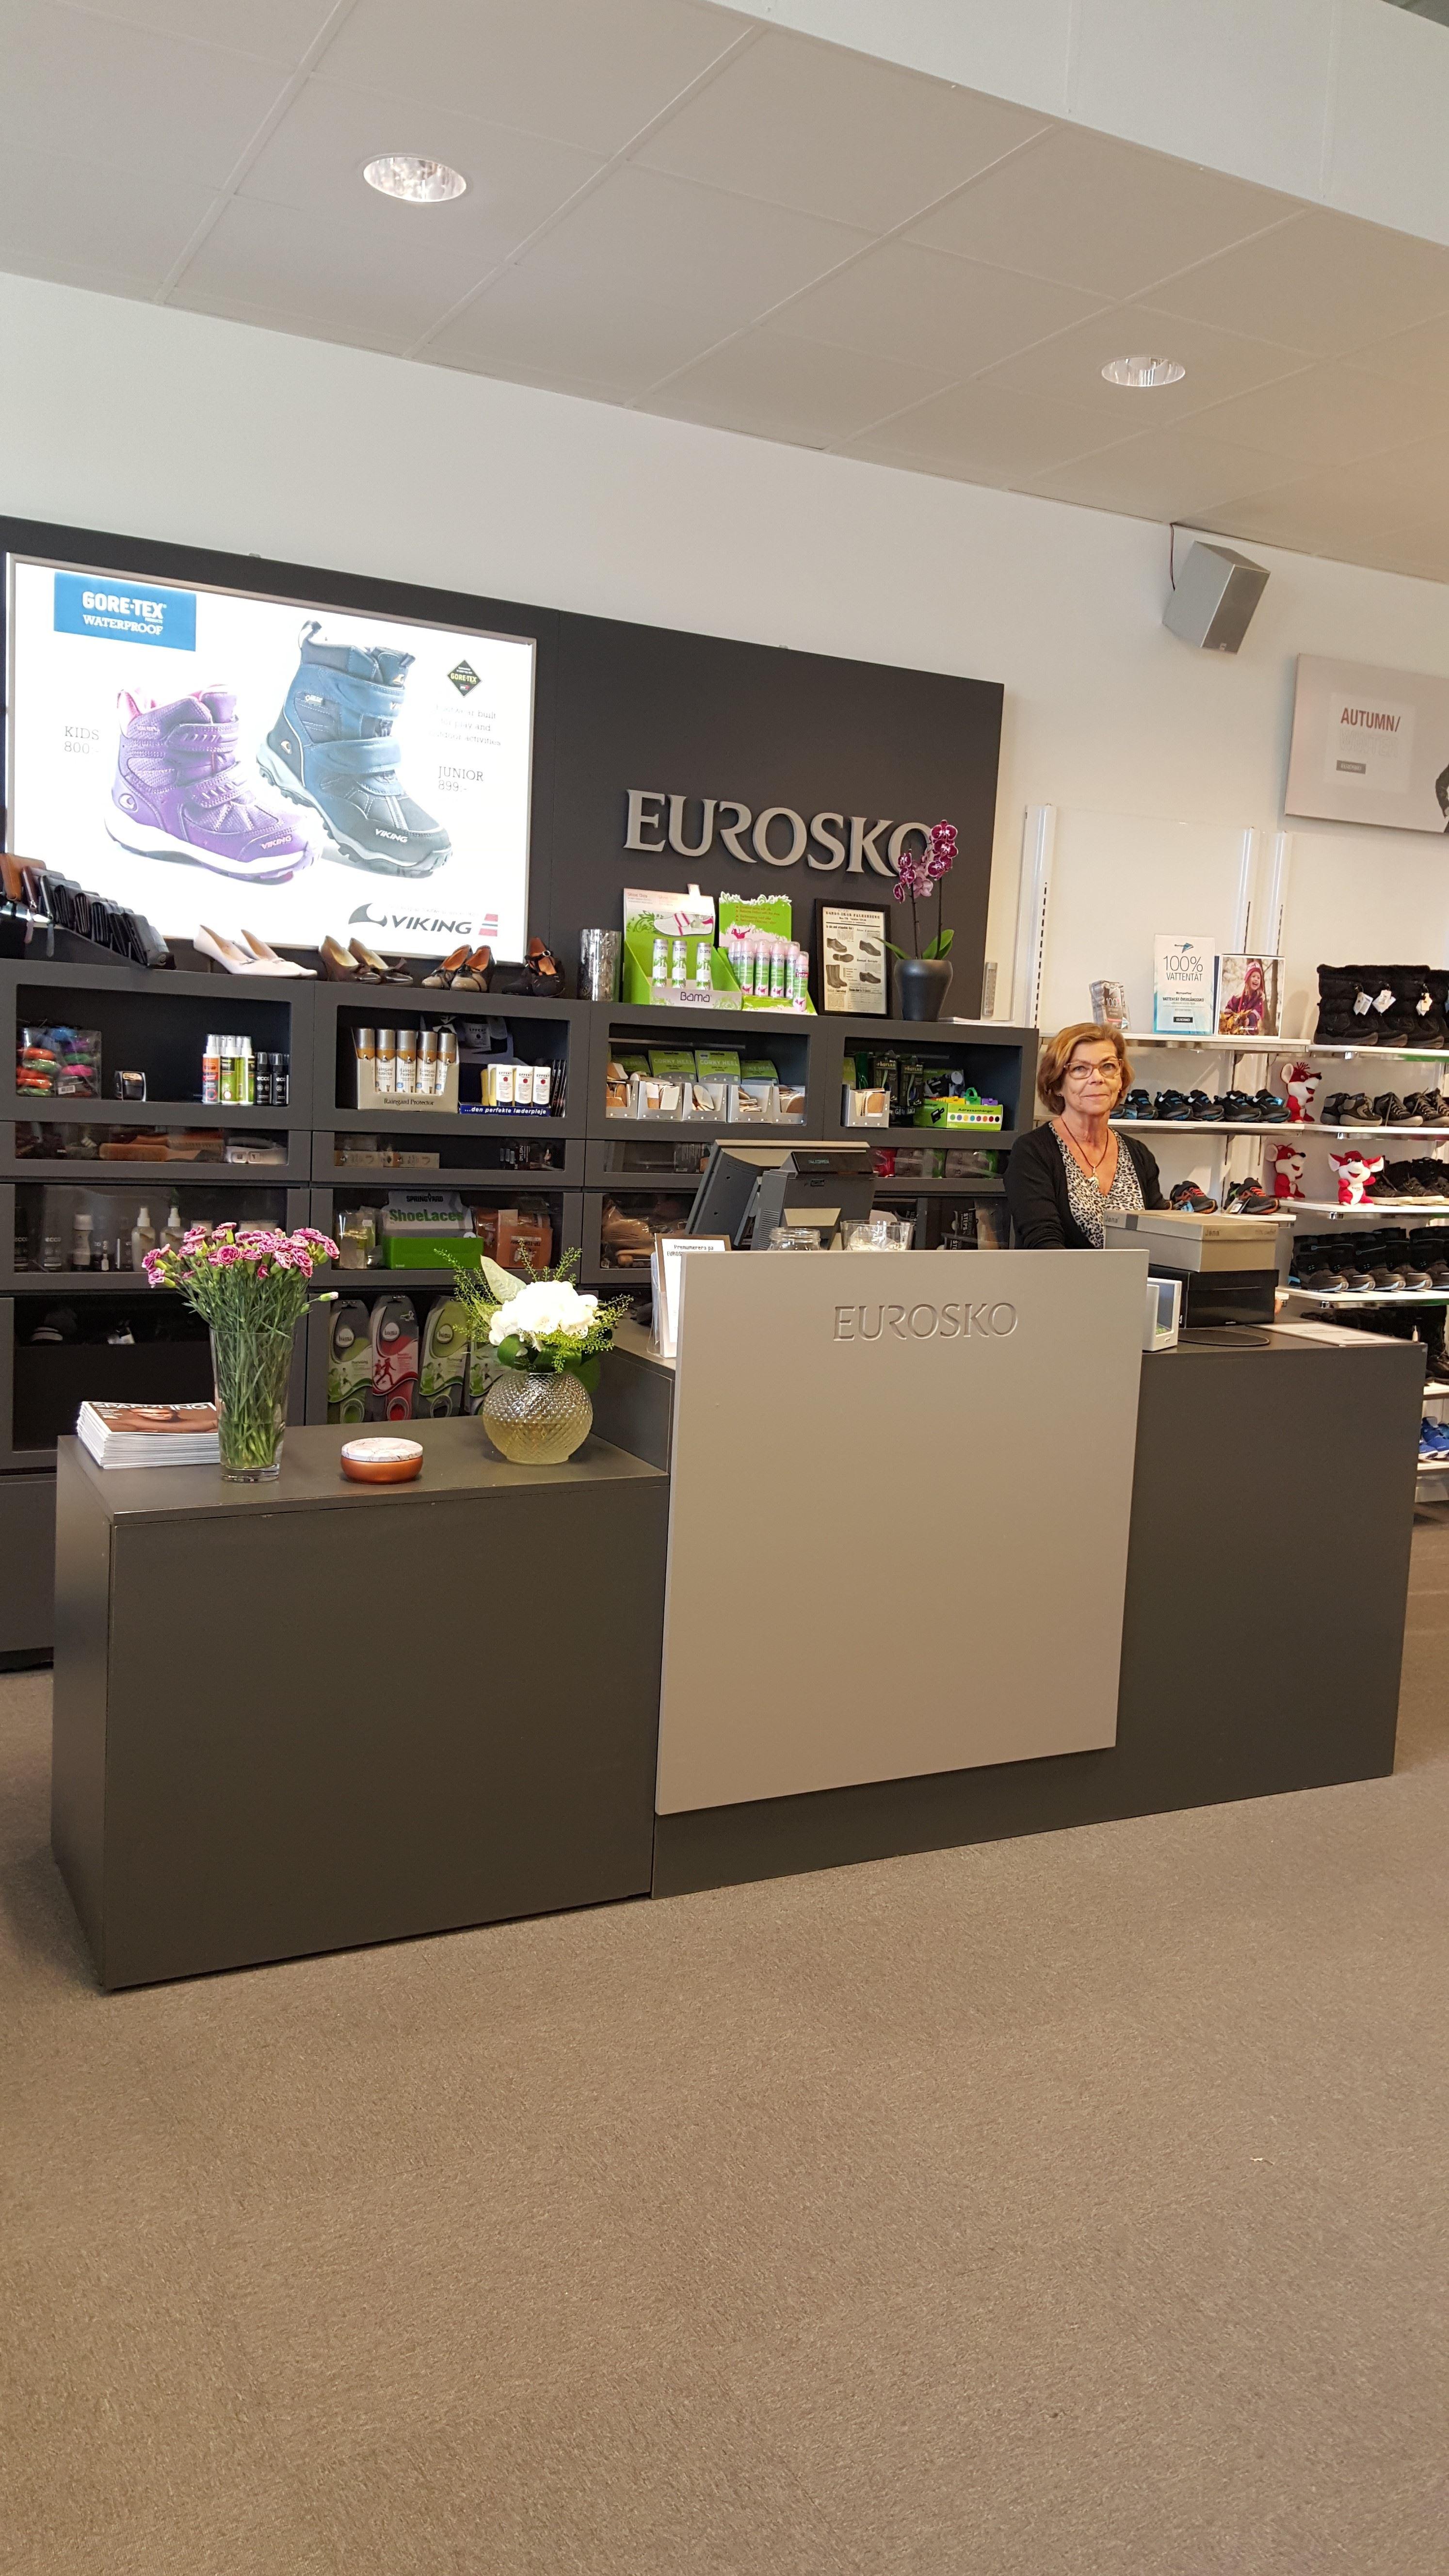 © Eurosko/Skorolf, Eurosko/Skorolf